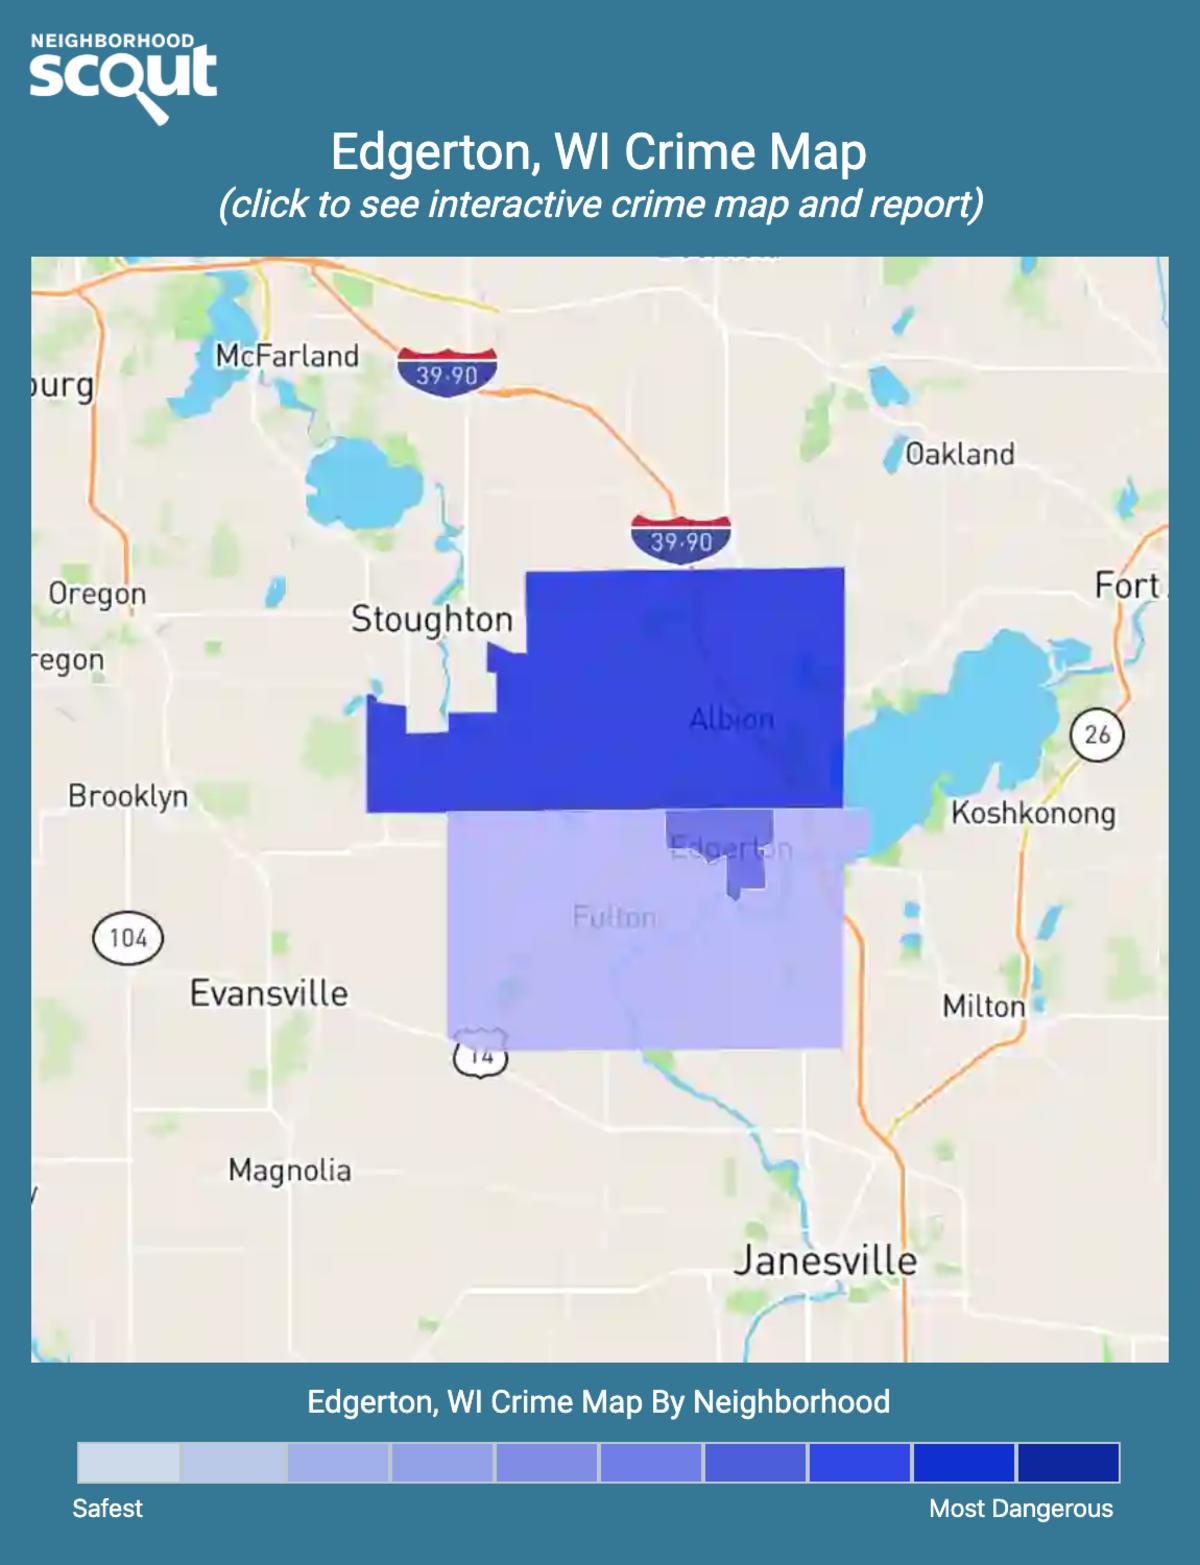 Edgerton, Wisconsin crime map